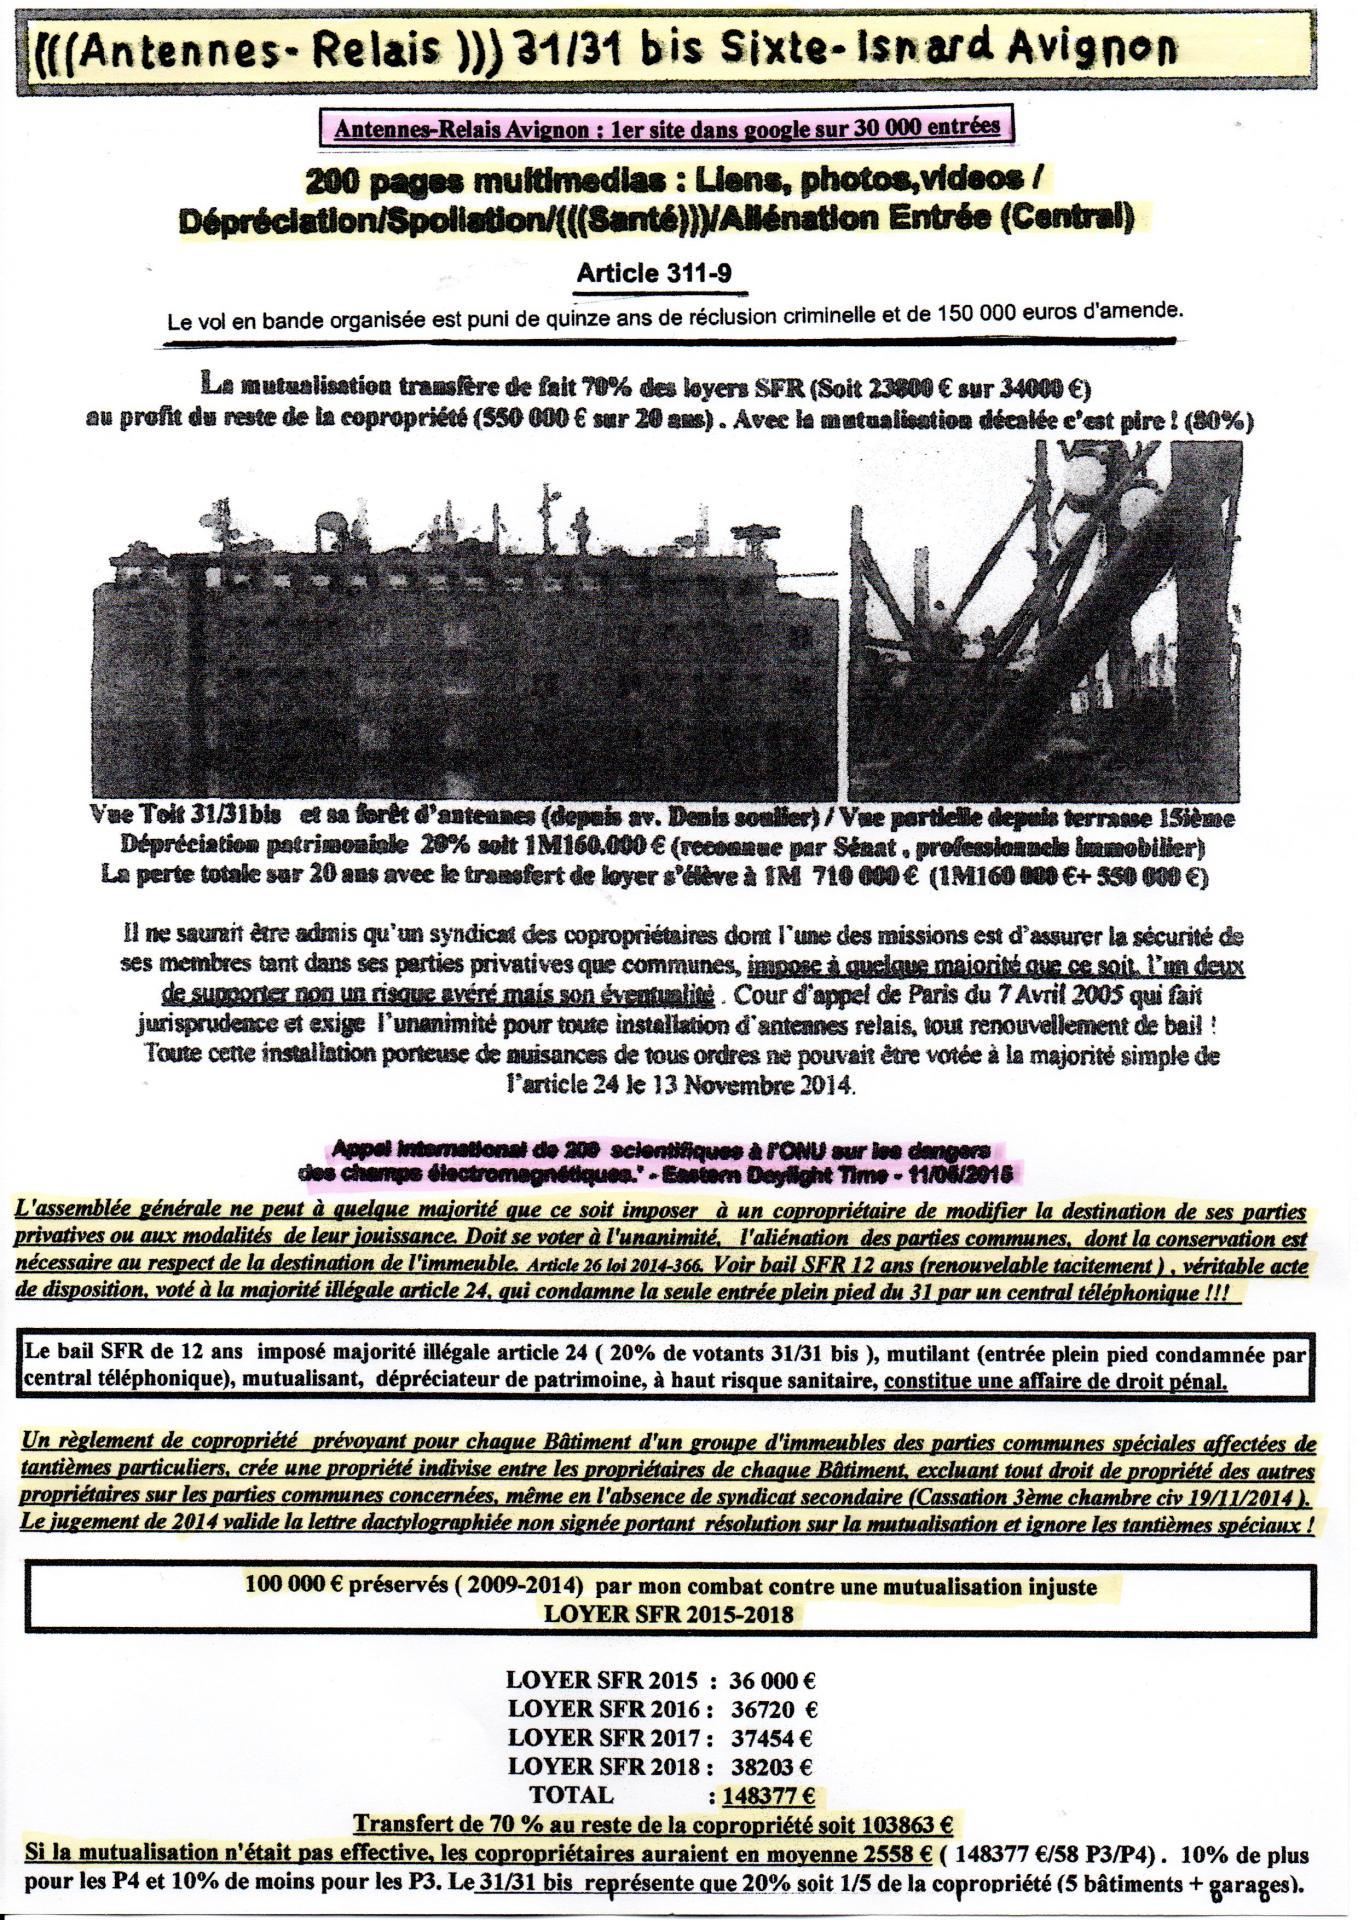 Avignon antennes relais : Résumé point de droit et transfert loyer 2015-2018